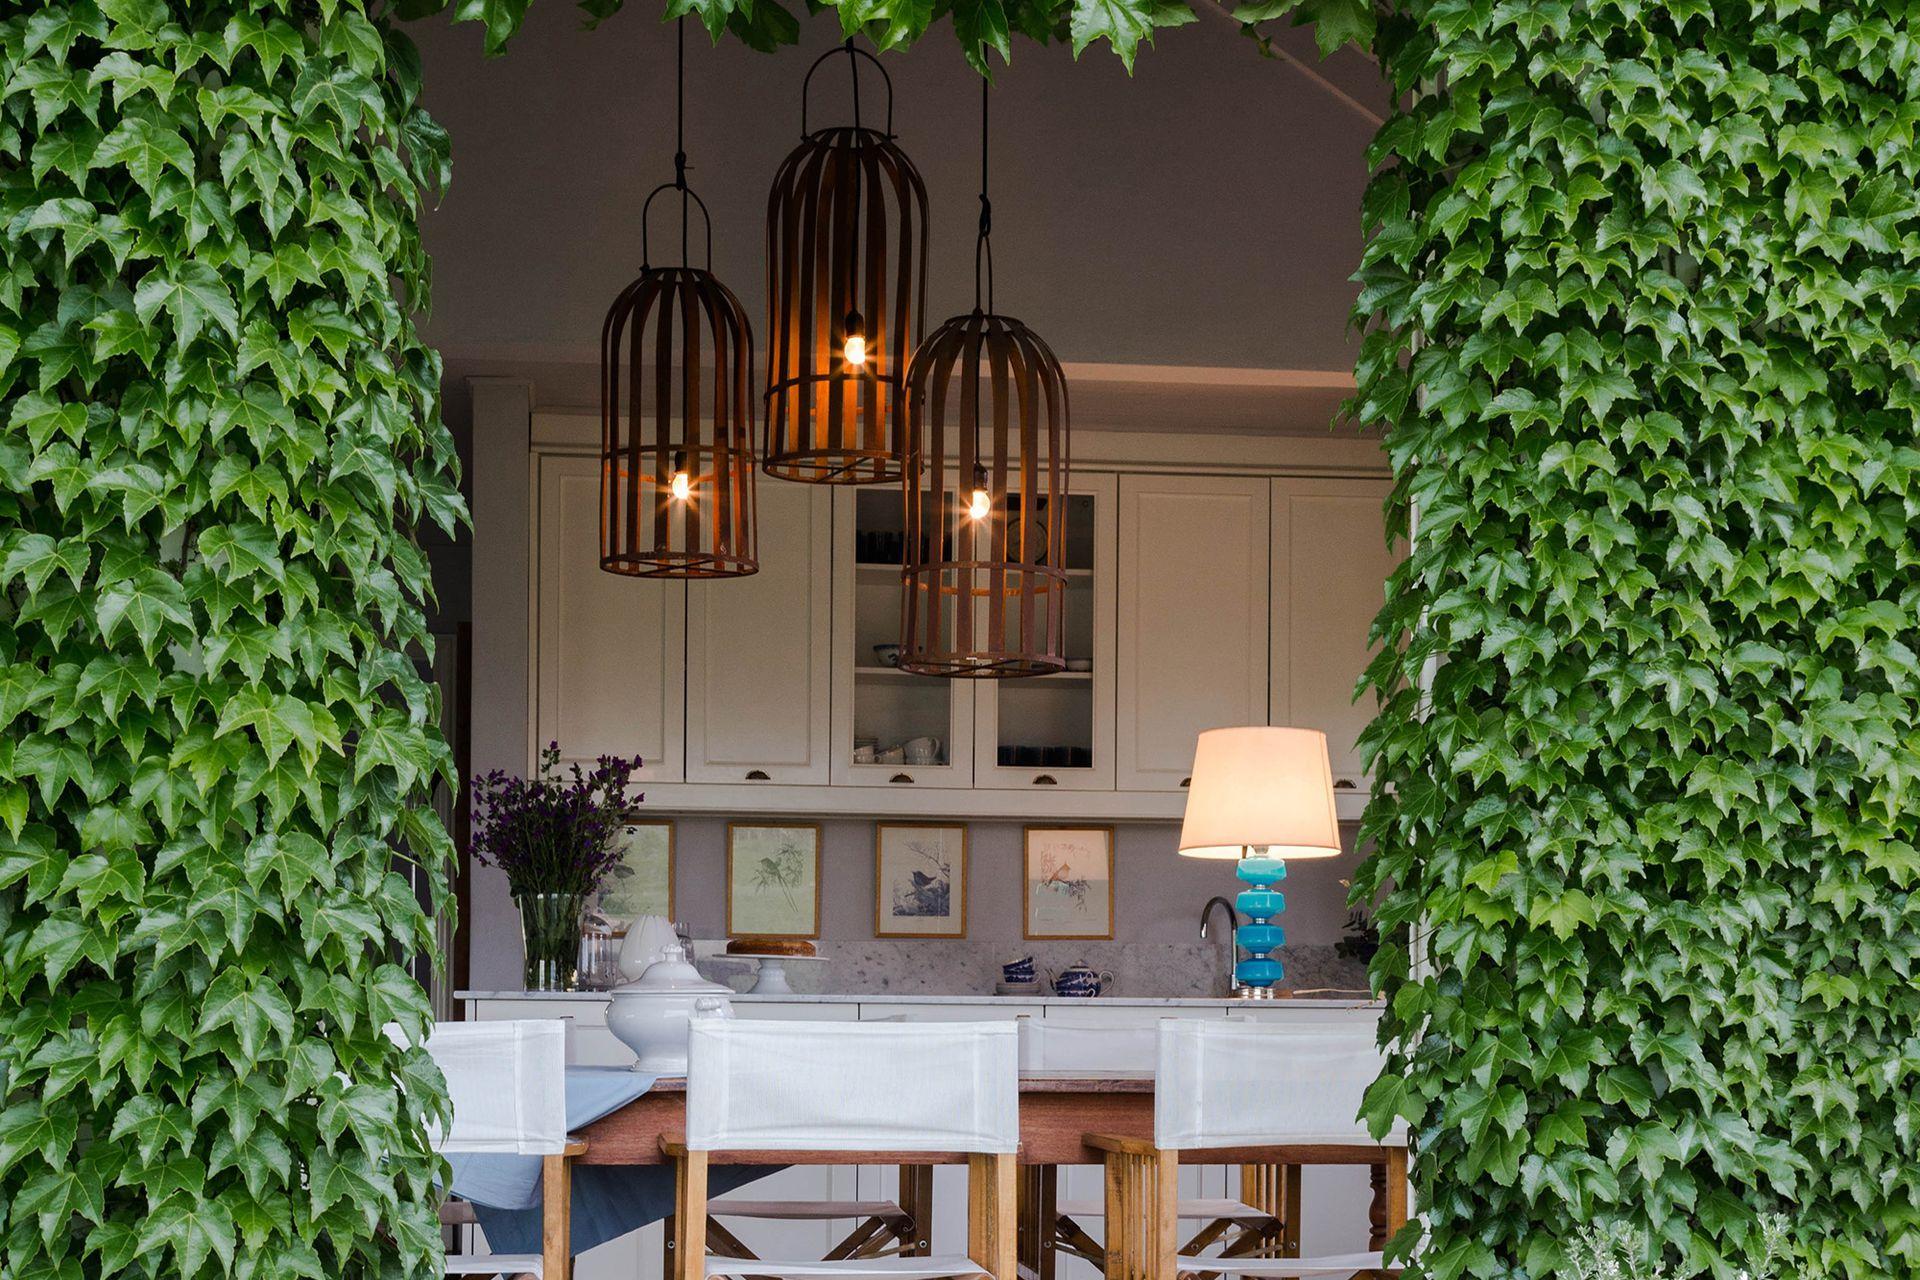 La lámpara de techo fue hecha por Marcelo a partir de fanales de hierro (Claudia Adorno).